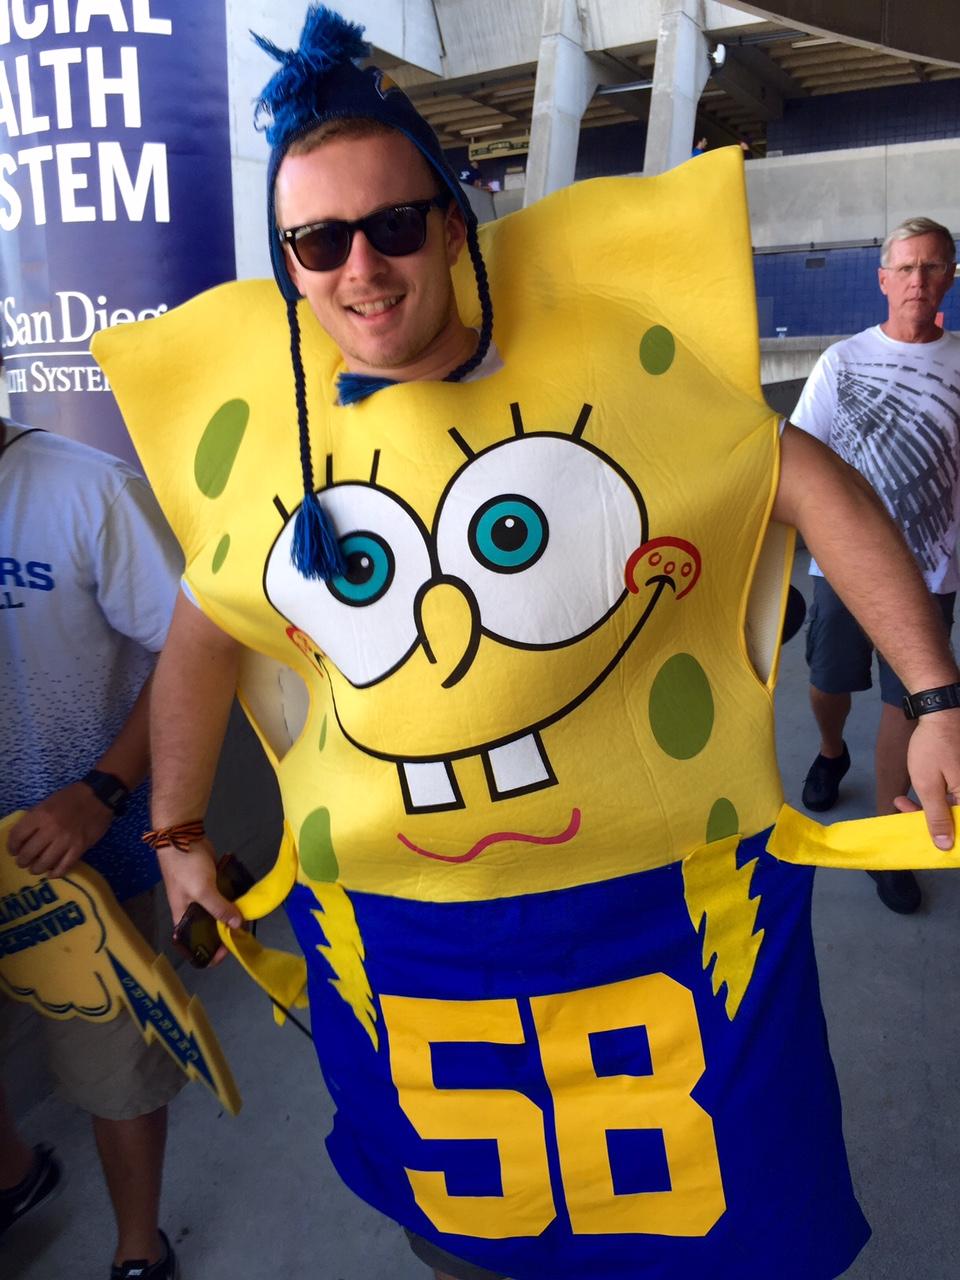 Qualcomm Stadium, San Diego, CA – Ilyen az, amikor a szurkoló nem tudja eldönteni, hogy ki a kedvence. Spongebob vagy Chargers? (Fotó: PrehryFarkas)